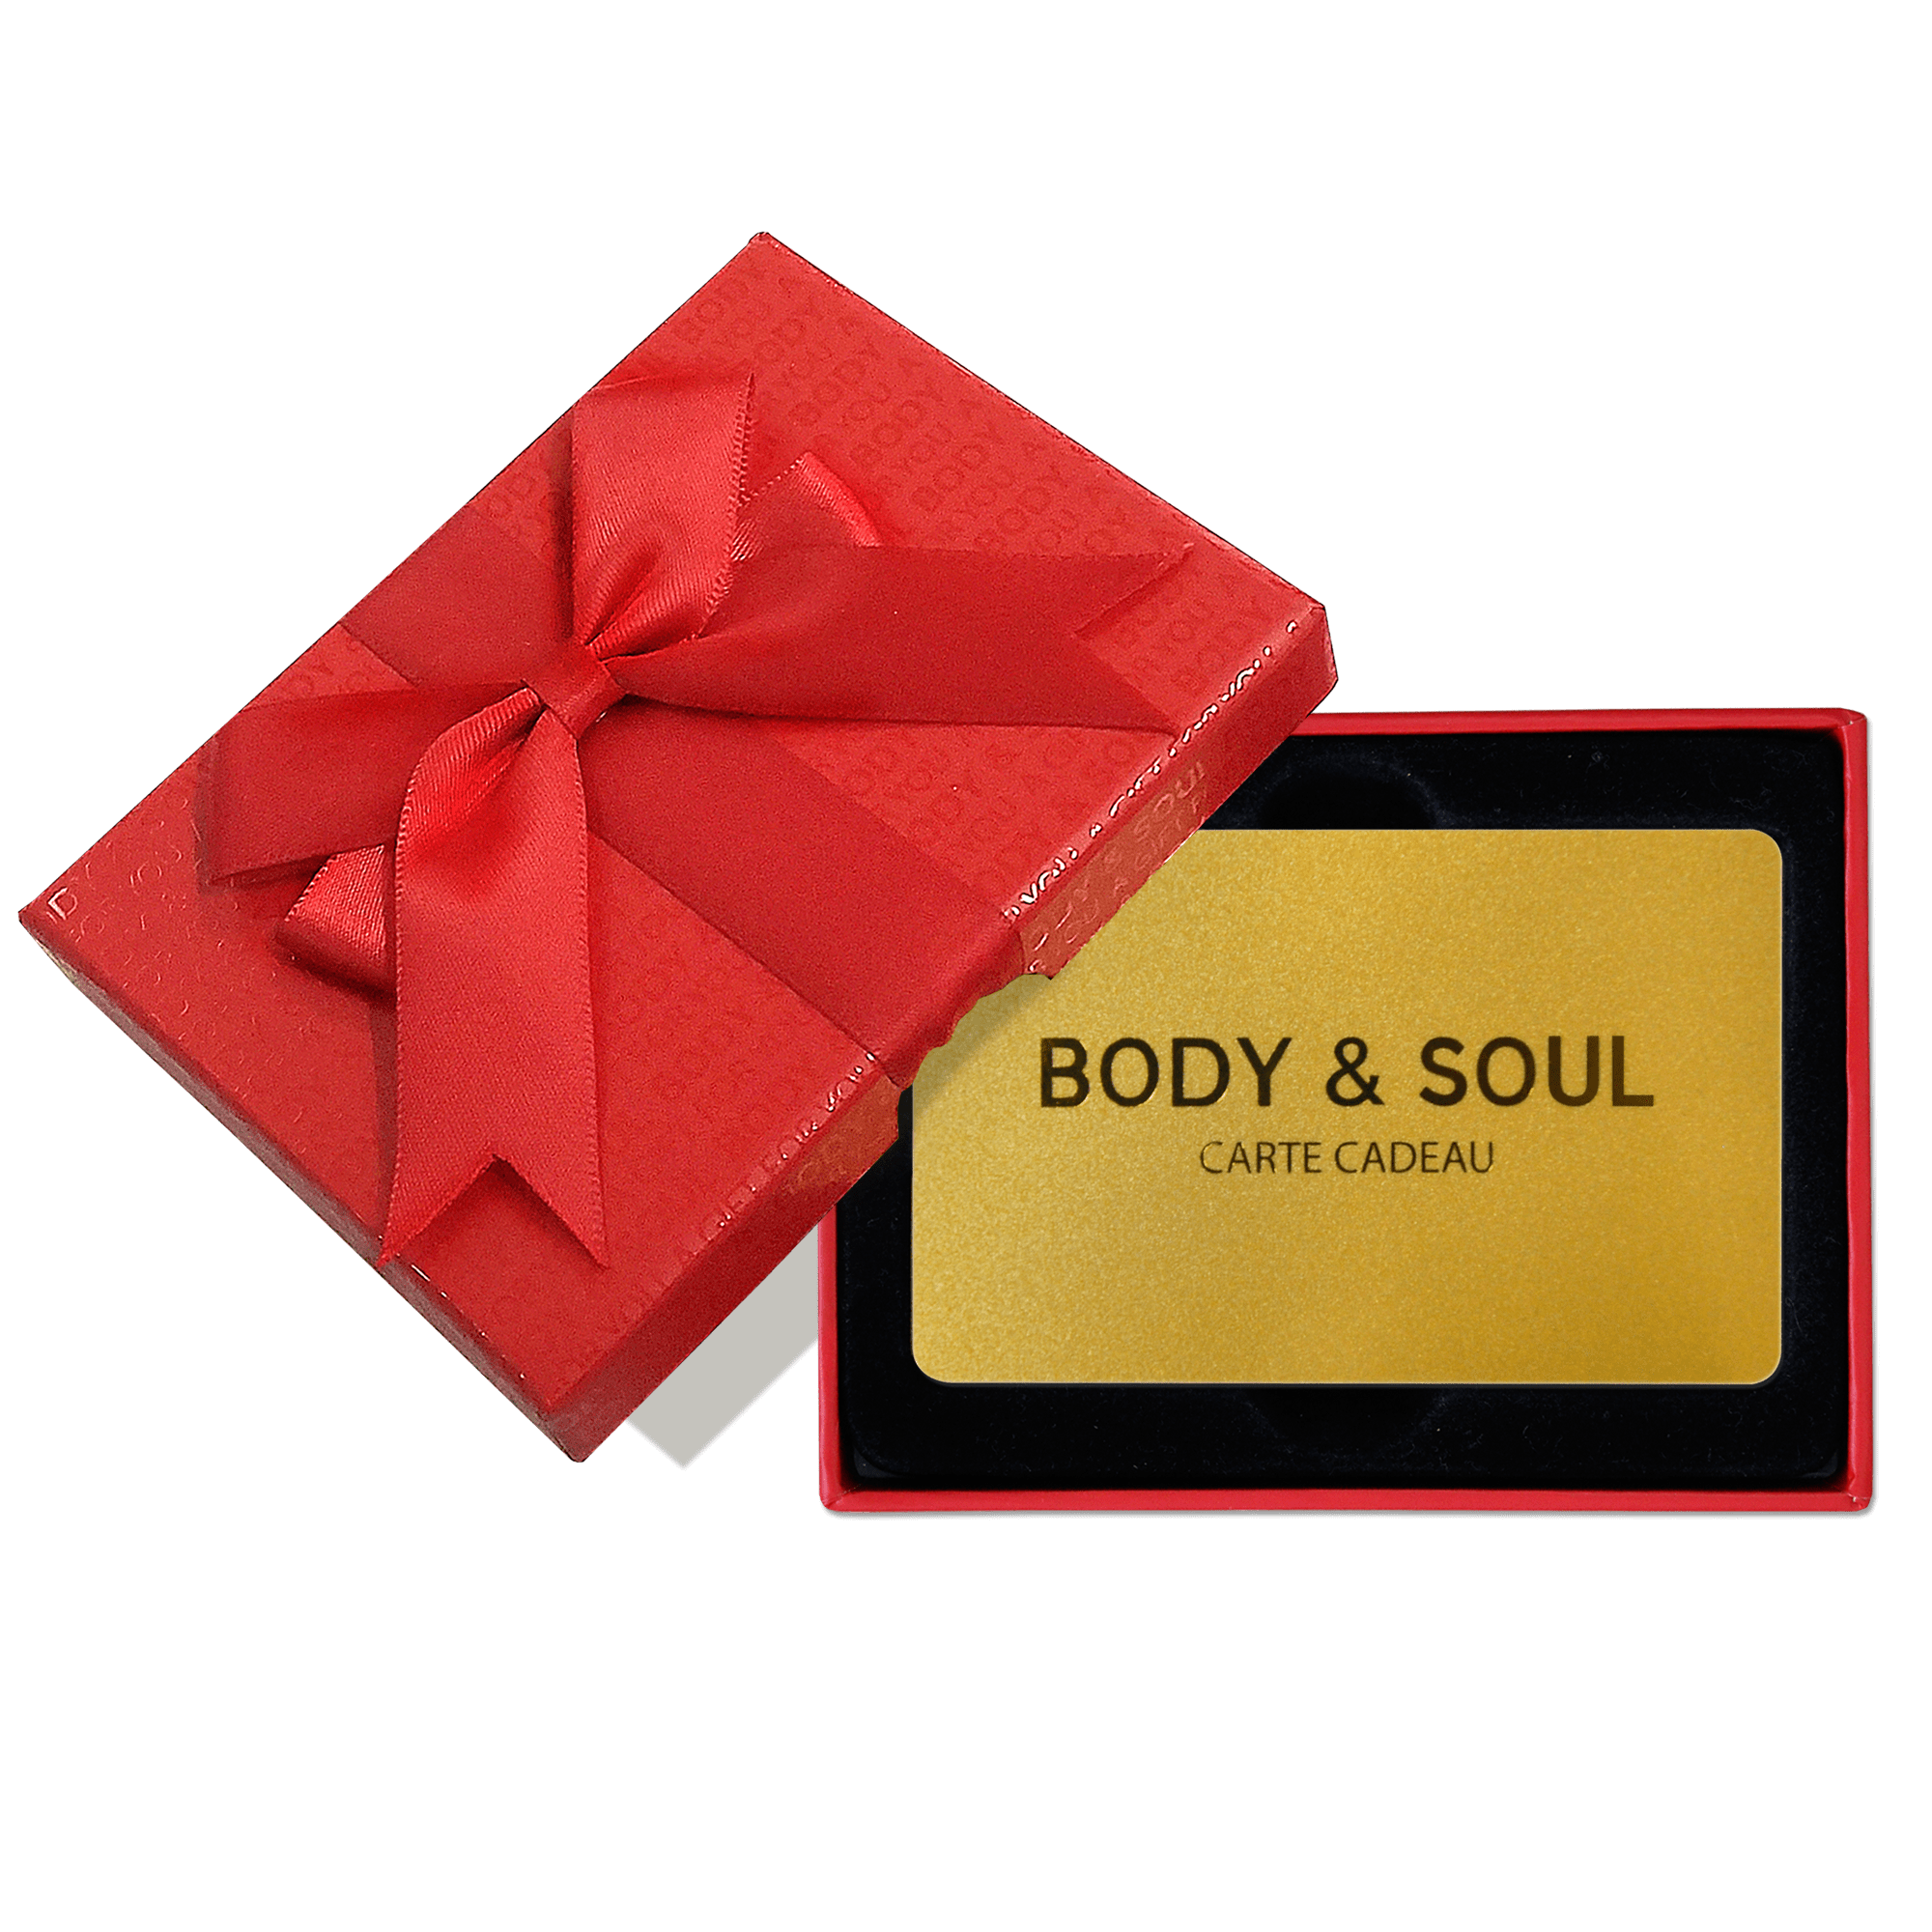 Carte cadeau Body & Soul